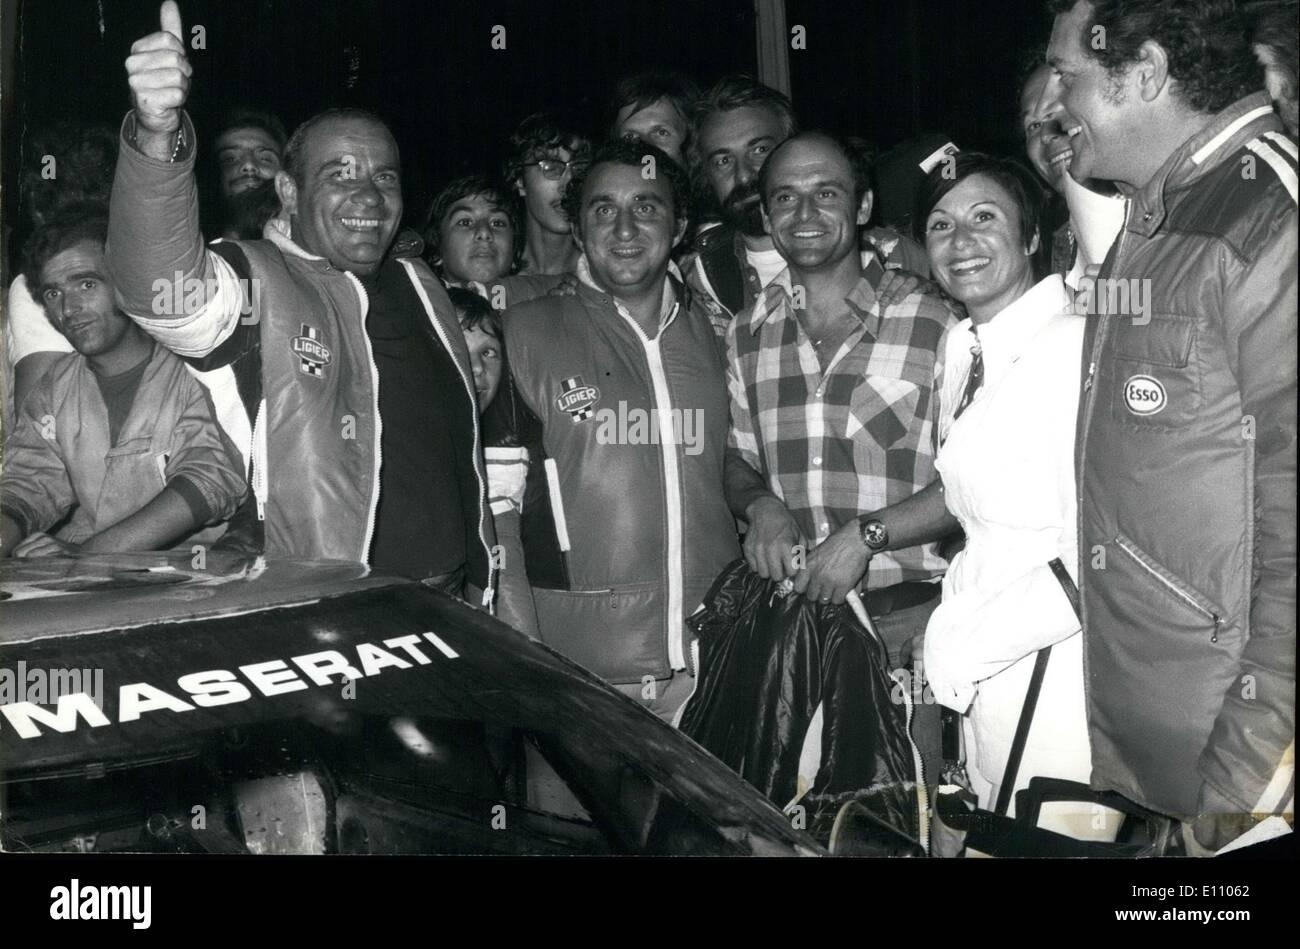 Sept. 23, 1974 - Guy Ligier ist hier zu sehen mit Nicolas, Rives, Daniche und Jaubert bei seiner Ankunft in Nizza. An Stockbild